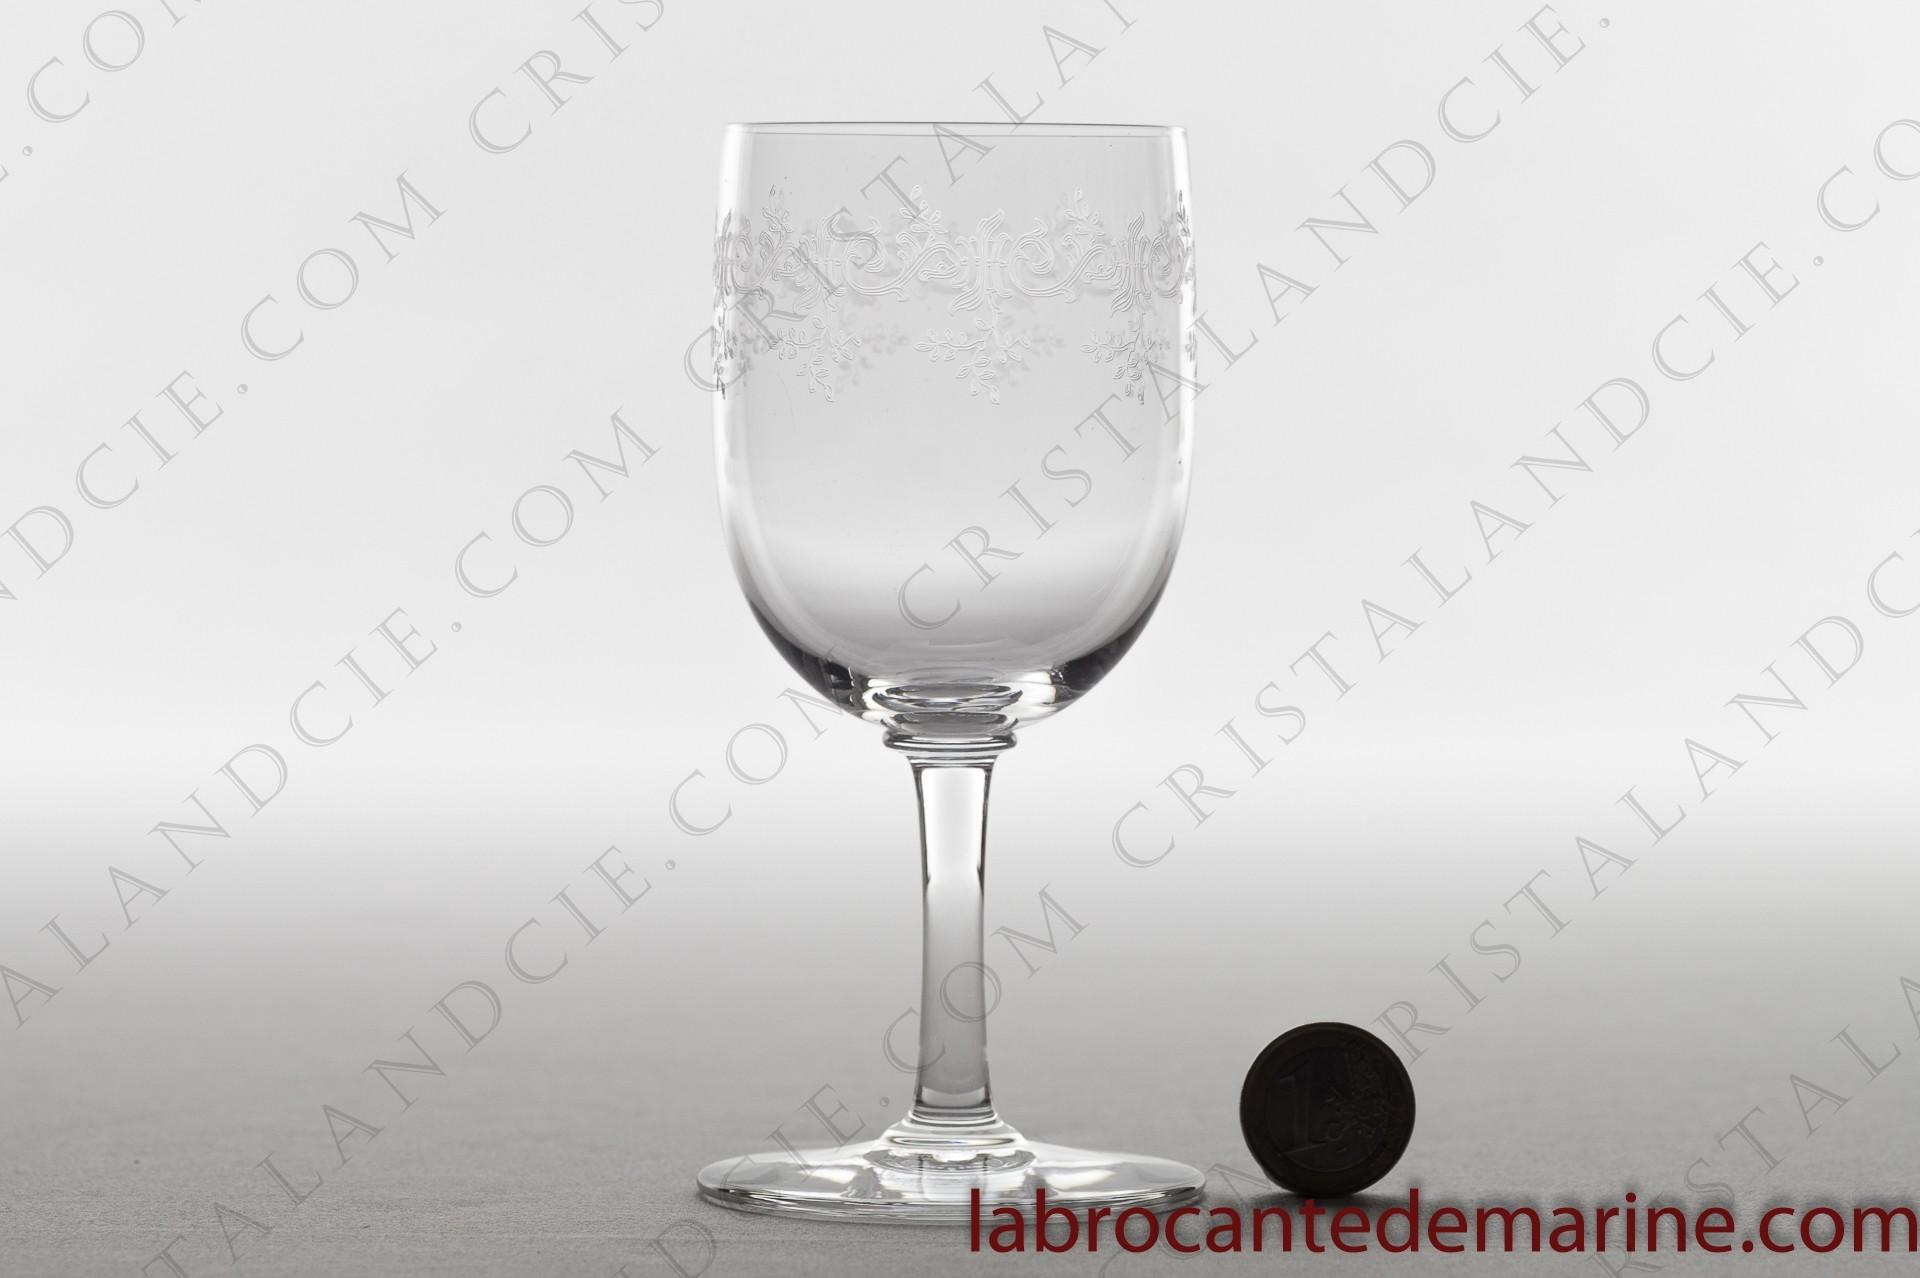 Verre bourgogne s vign en baccarat - Prix d un verre en cristal ...